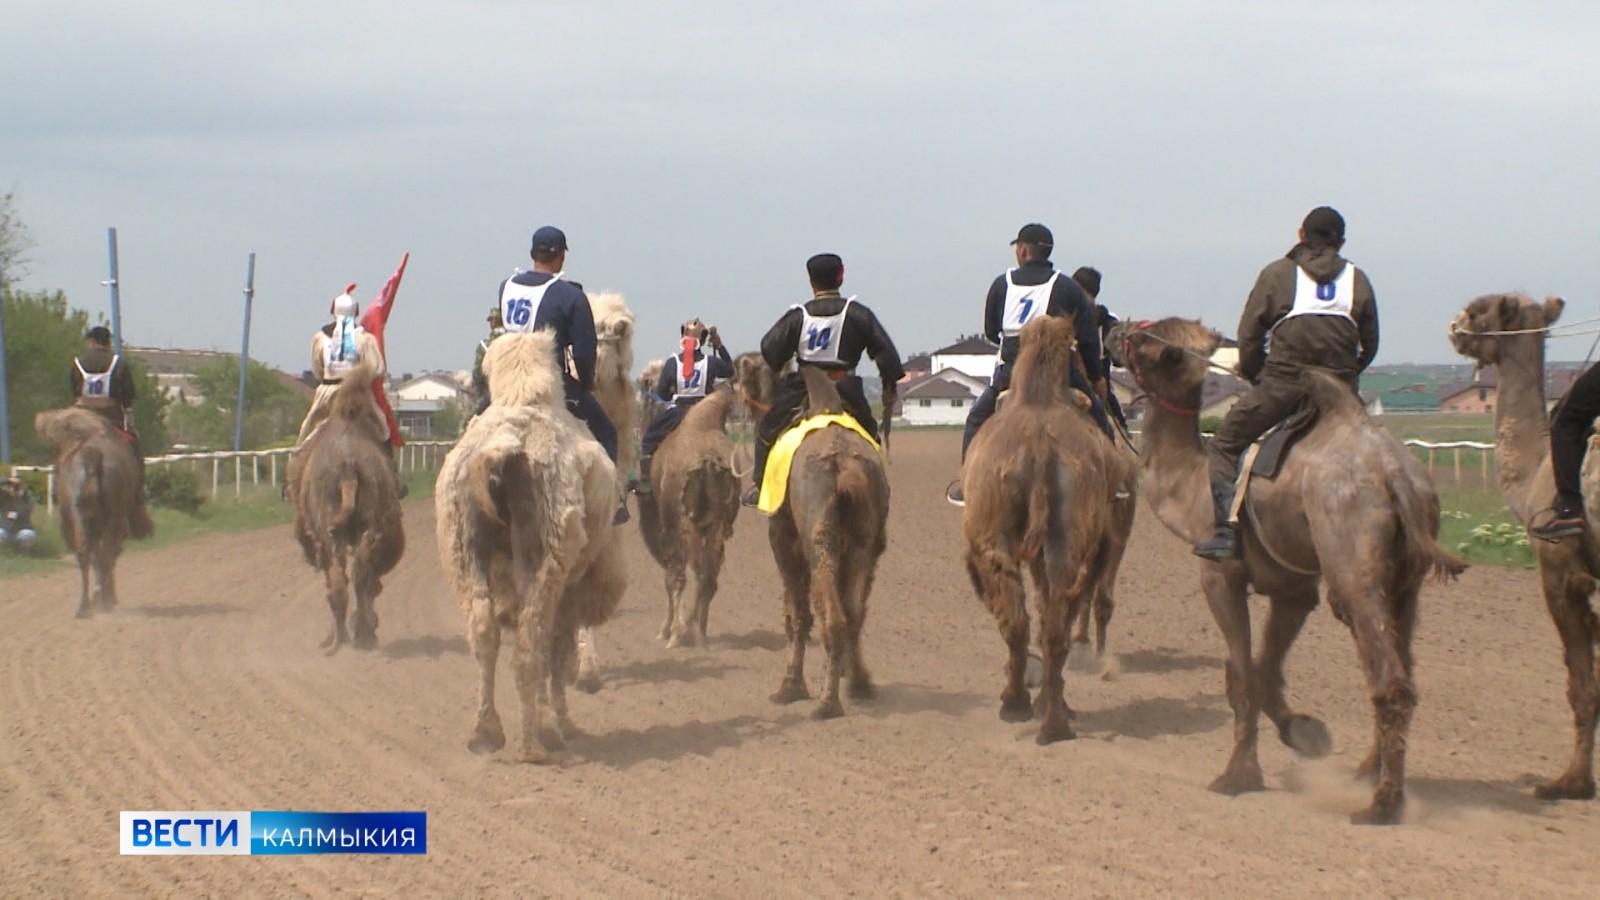 На Элистинском ипподроме прошел конно-спортивный праздник